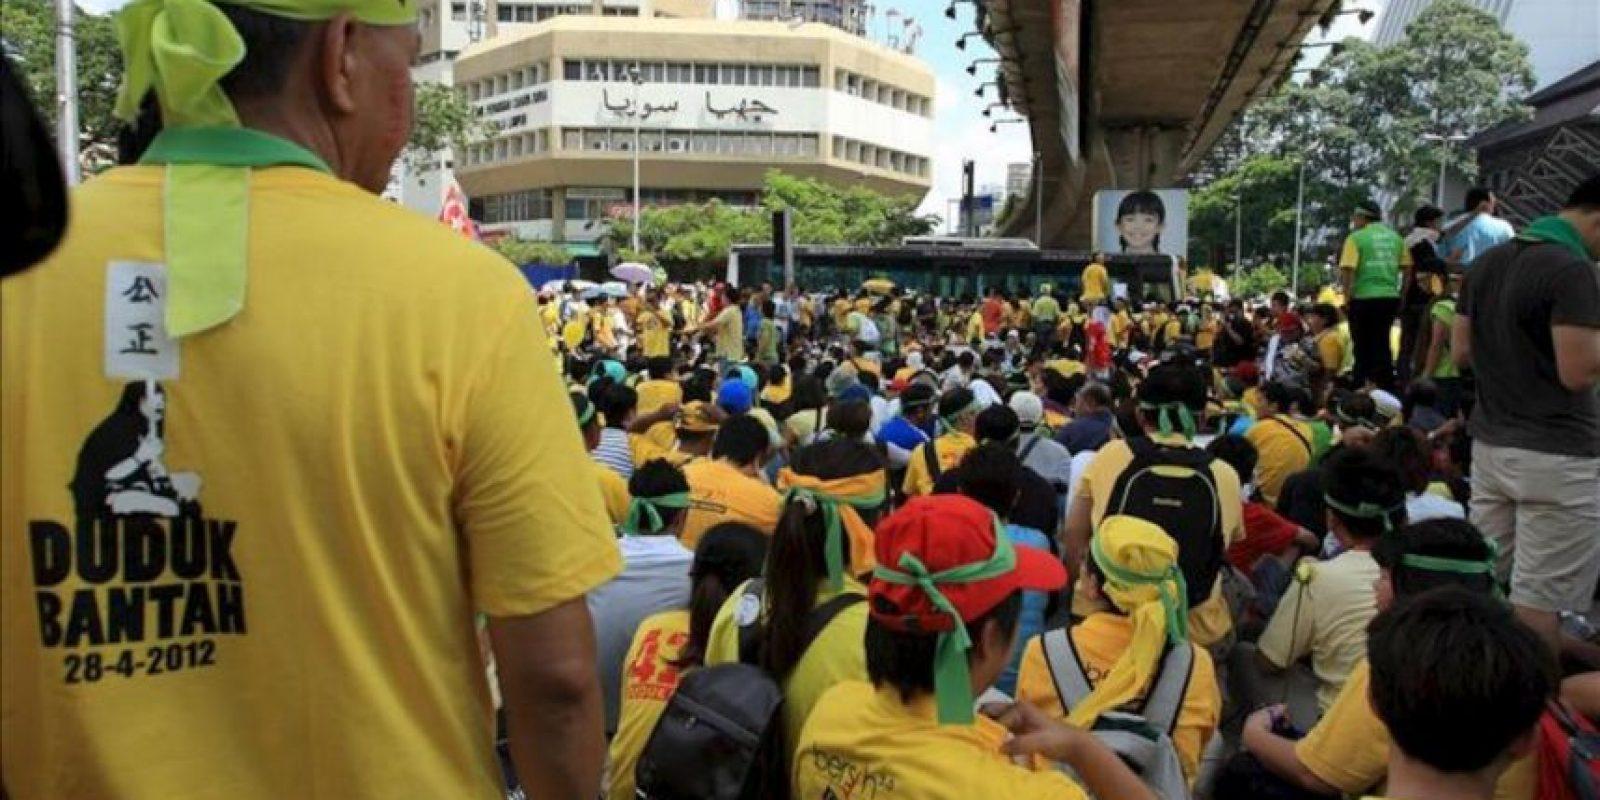 Manifestantes participan en la marcha Bersih (limpieza) hoy en el centro de Kuala Lumpur, Malasia. La protesta es organizada por partidos de oposición exigiendo limpias y justas elecciones que se realizarán en 2013, a pesar de las especulaciones de que el primer ministro Najib pueda anticipar las votaciones. EFE